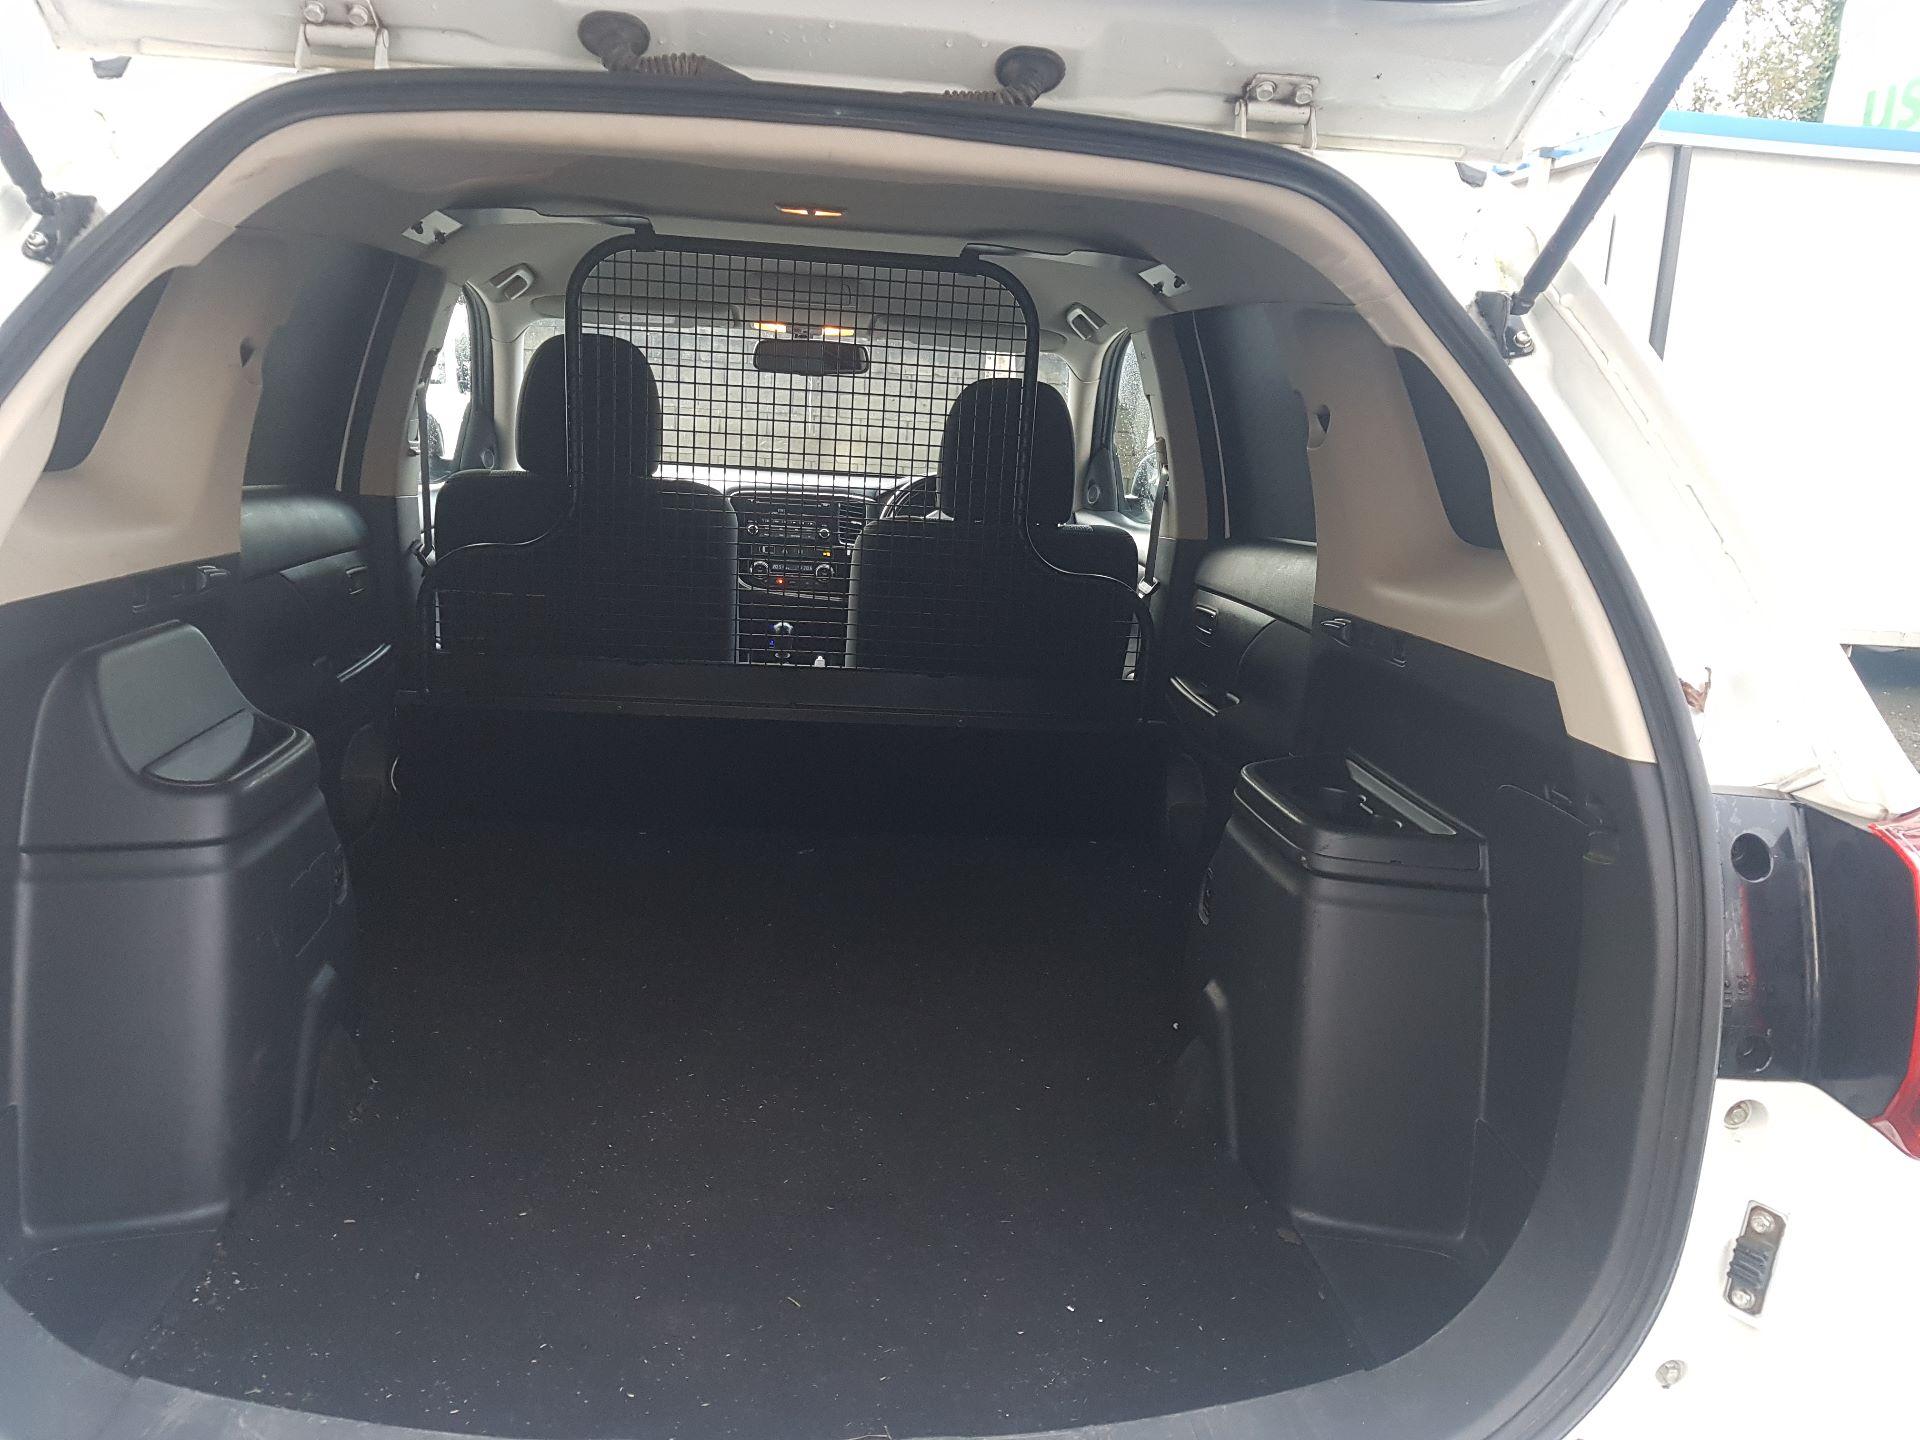 2015 Mitsubishi Outlander 4WD 6MT N1 16MY 4DR (152D23099) Image 9